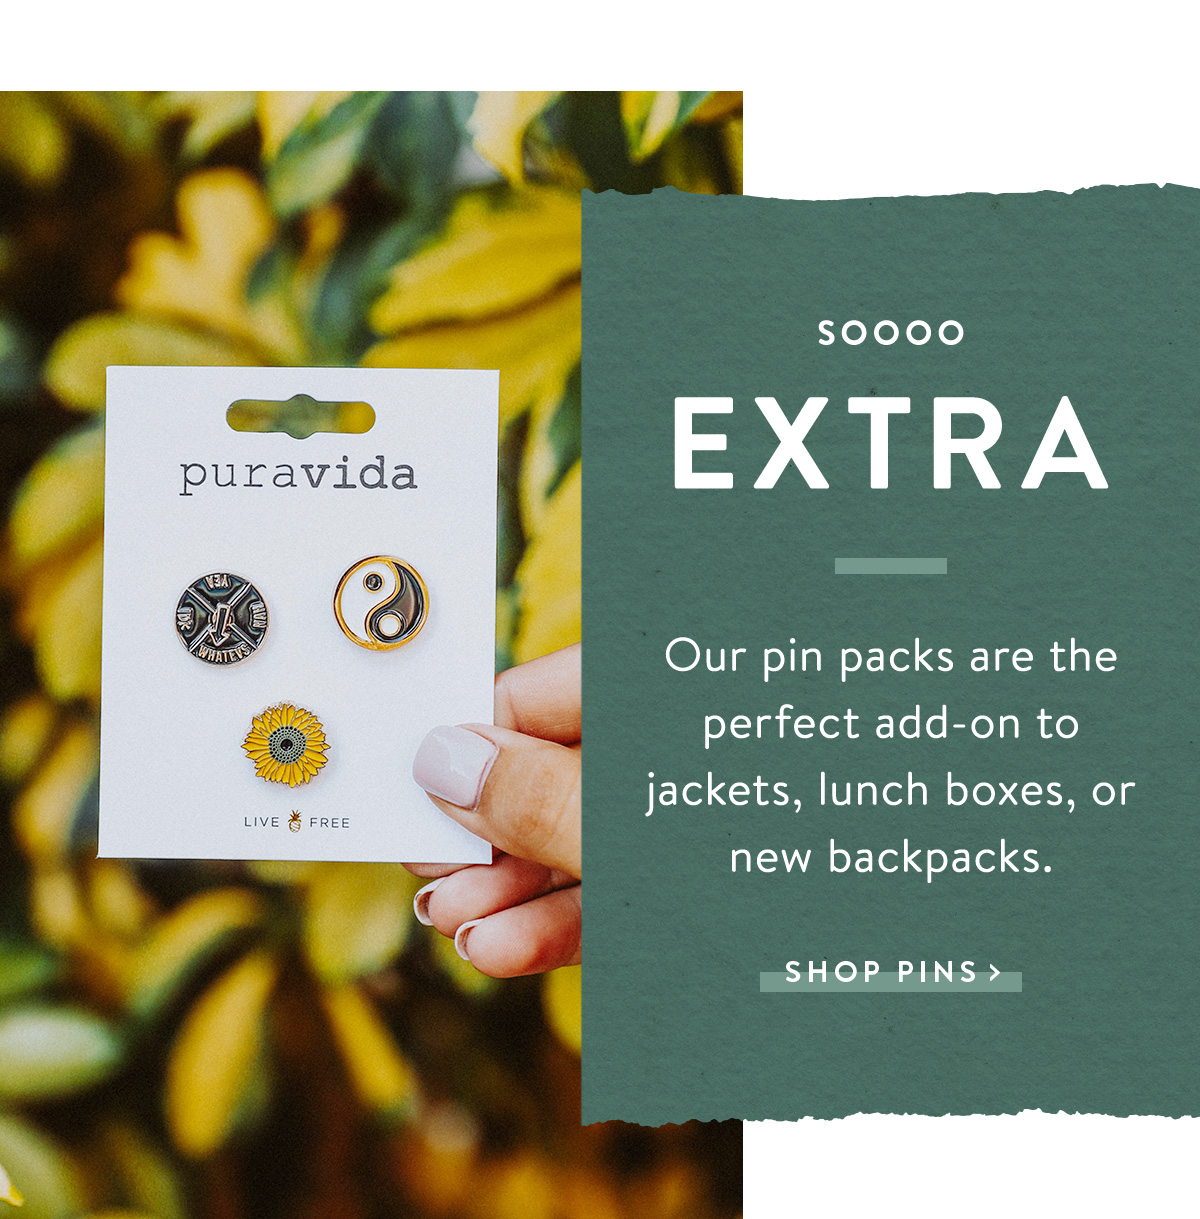 Soooo Extra | SHOP PINS >